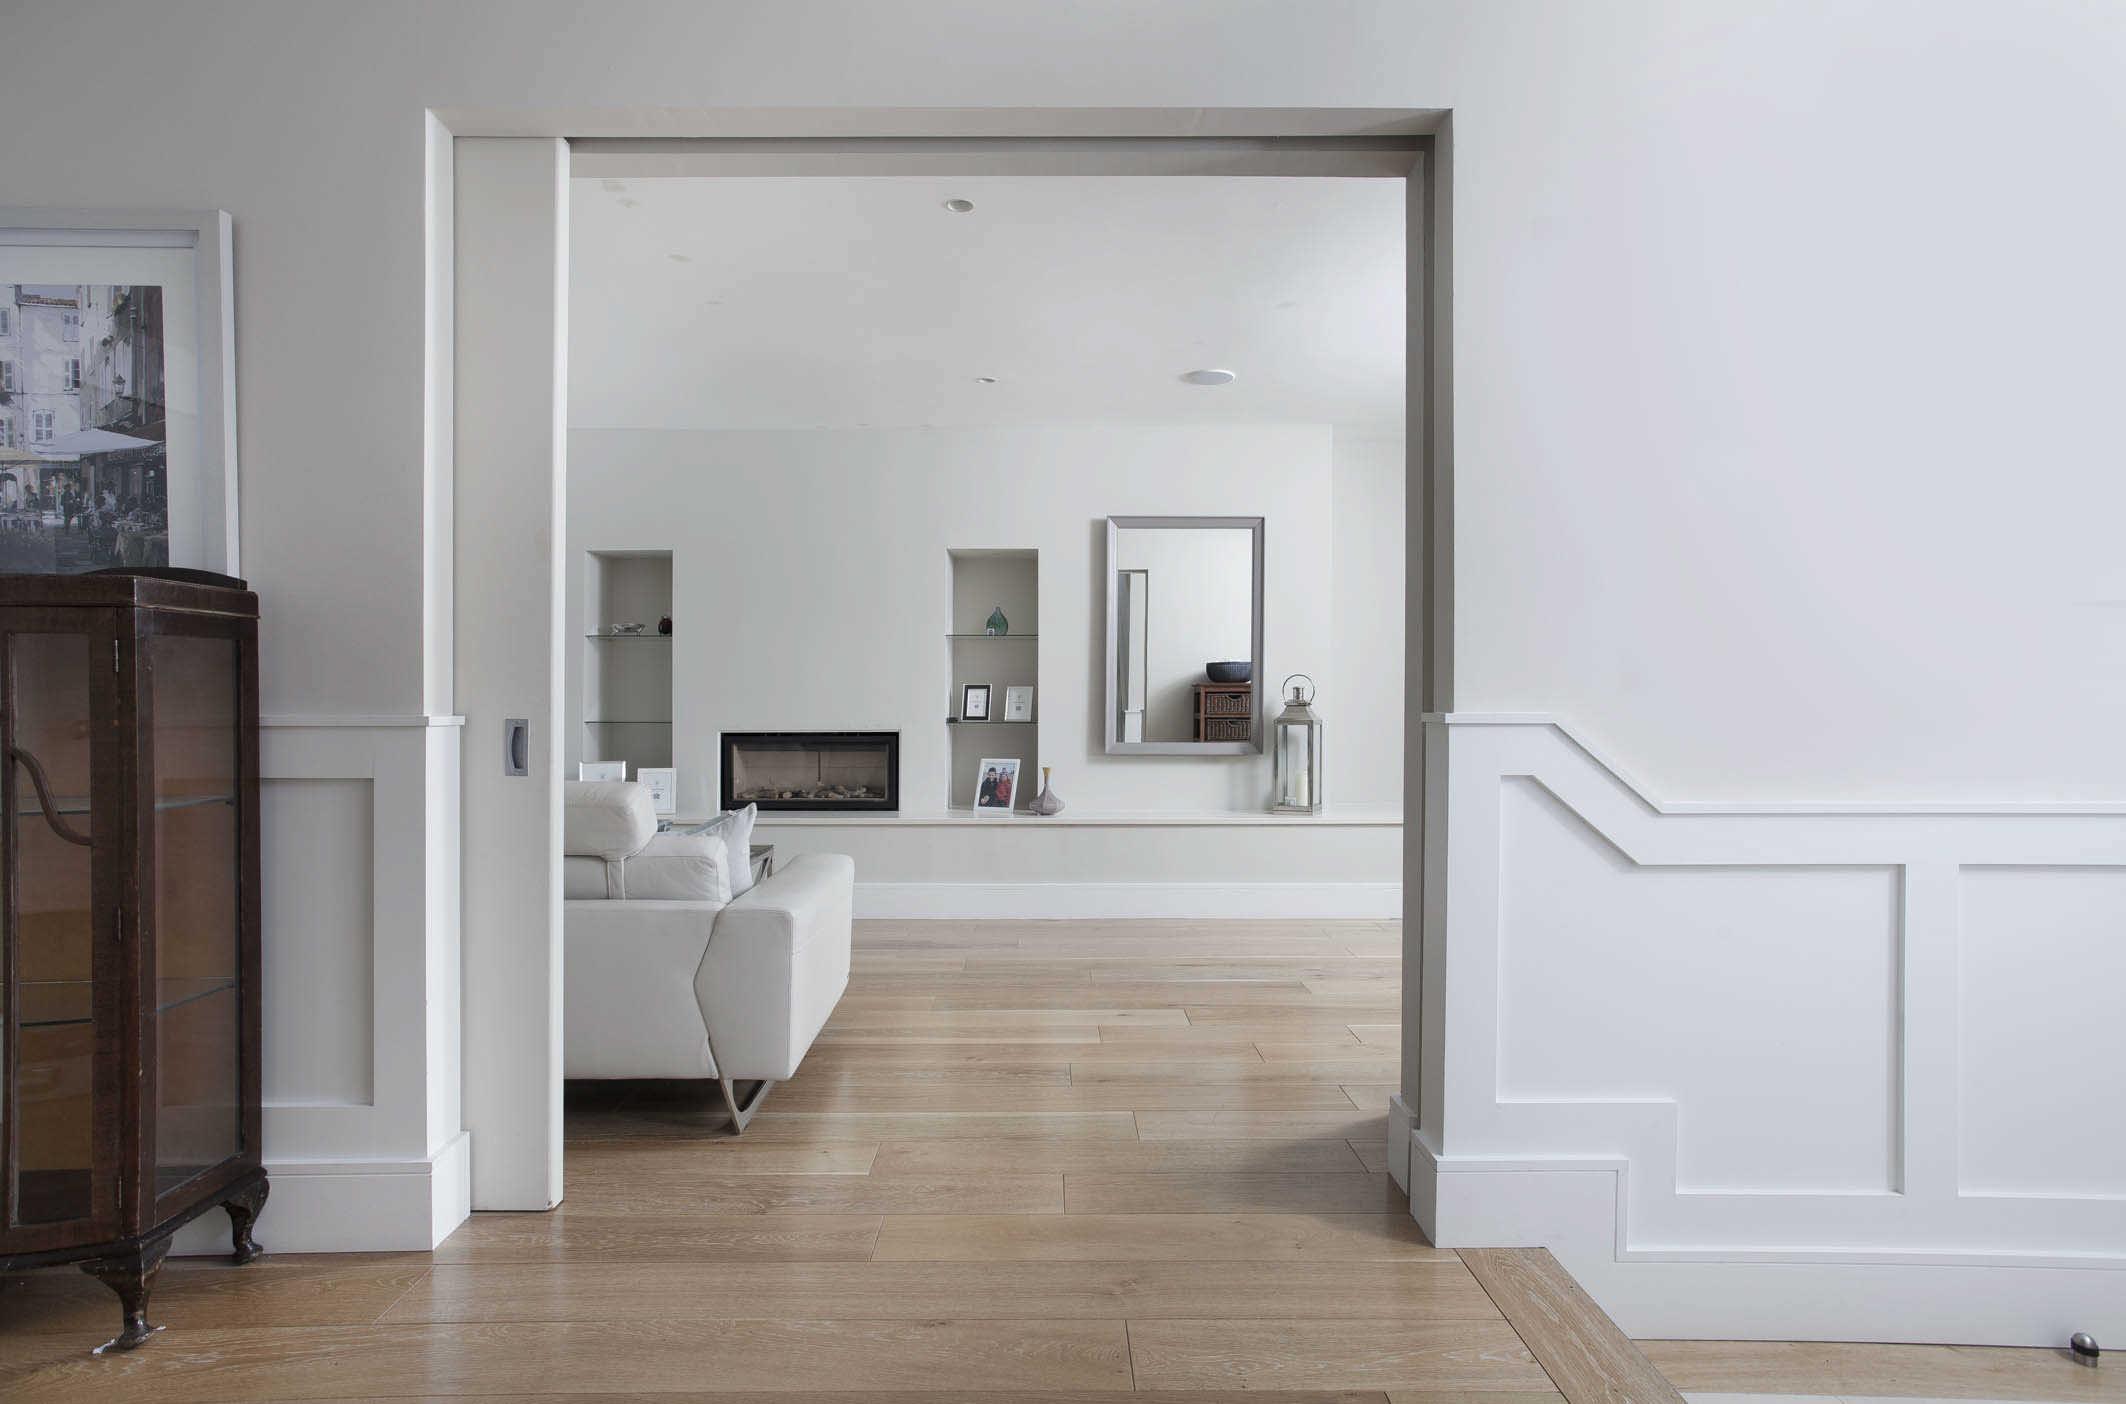 Porte Filo Muro Specchio porte scorrevoli • guida completa: tipologie, idee, prezzi